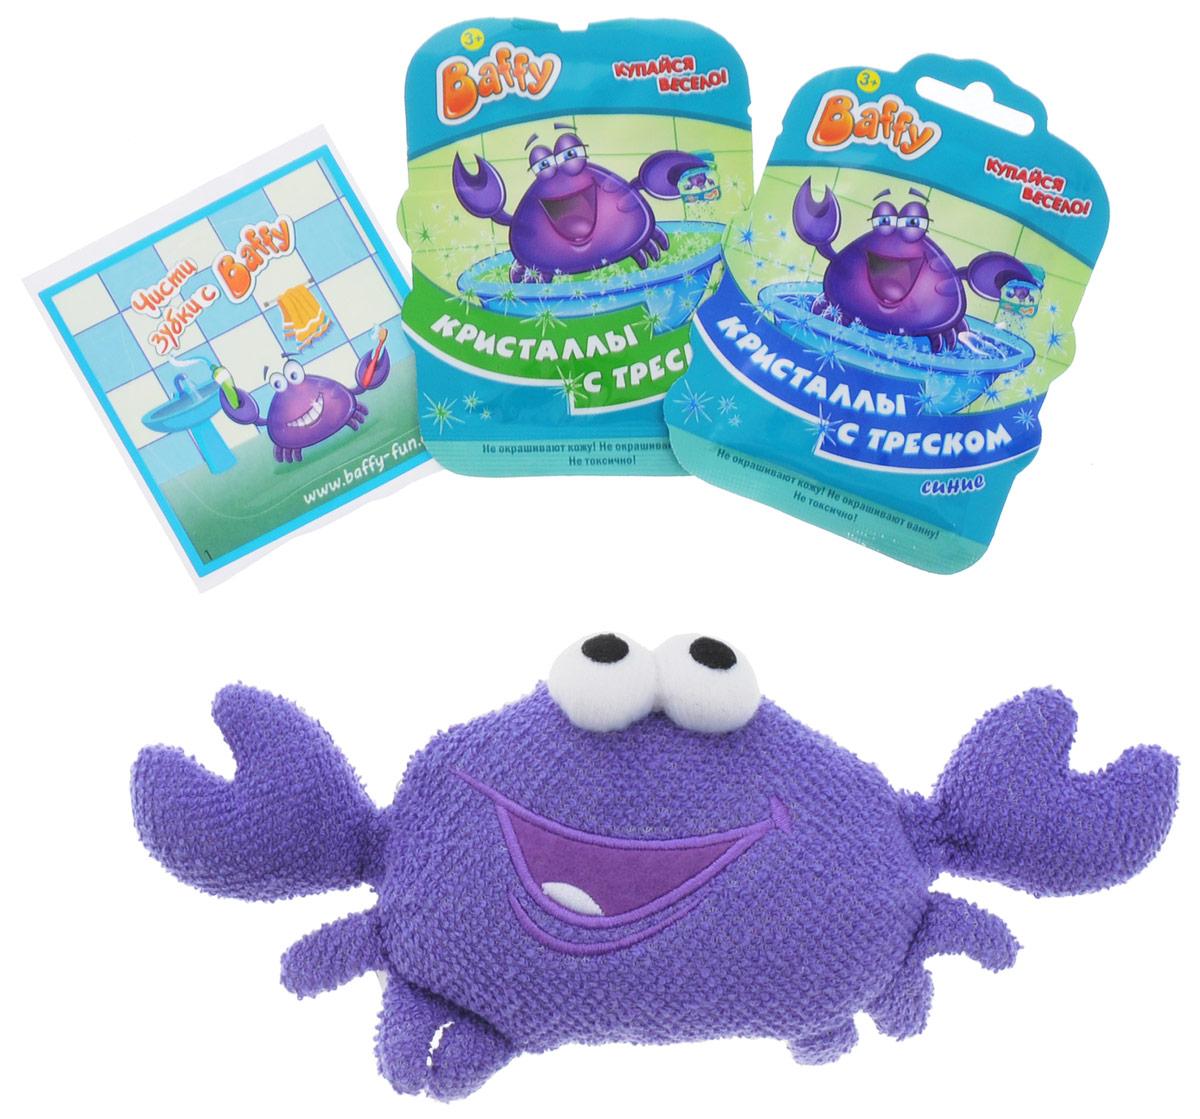 Baffy Набор средств для купания Твой Baffy цвет фиолетовый2218Набор средств для купания Твой Baffy превратит купание в интересную увлекательную игру с помощью необычной мочалки игрушки Baffy. Мочалка, изготовленная из натуральных, долговечных и нетоксичных материалов, мягко очистит кожу вашего ребенка и станет его любимой игрушкой. А кристаллы с треском, входящие в набор, станут приятным сюрпризом и продлят веселье вашего ребенка в ванной. Теперь ваш ребенок будет играть и купаться в ванне одновременно.Использоваться под наблюдением взрослых. Не использовать в пищевых целях. Хранить в недоступном для детей месте.